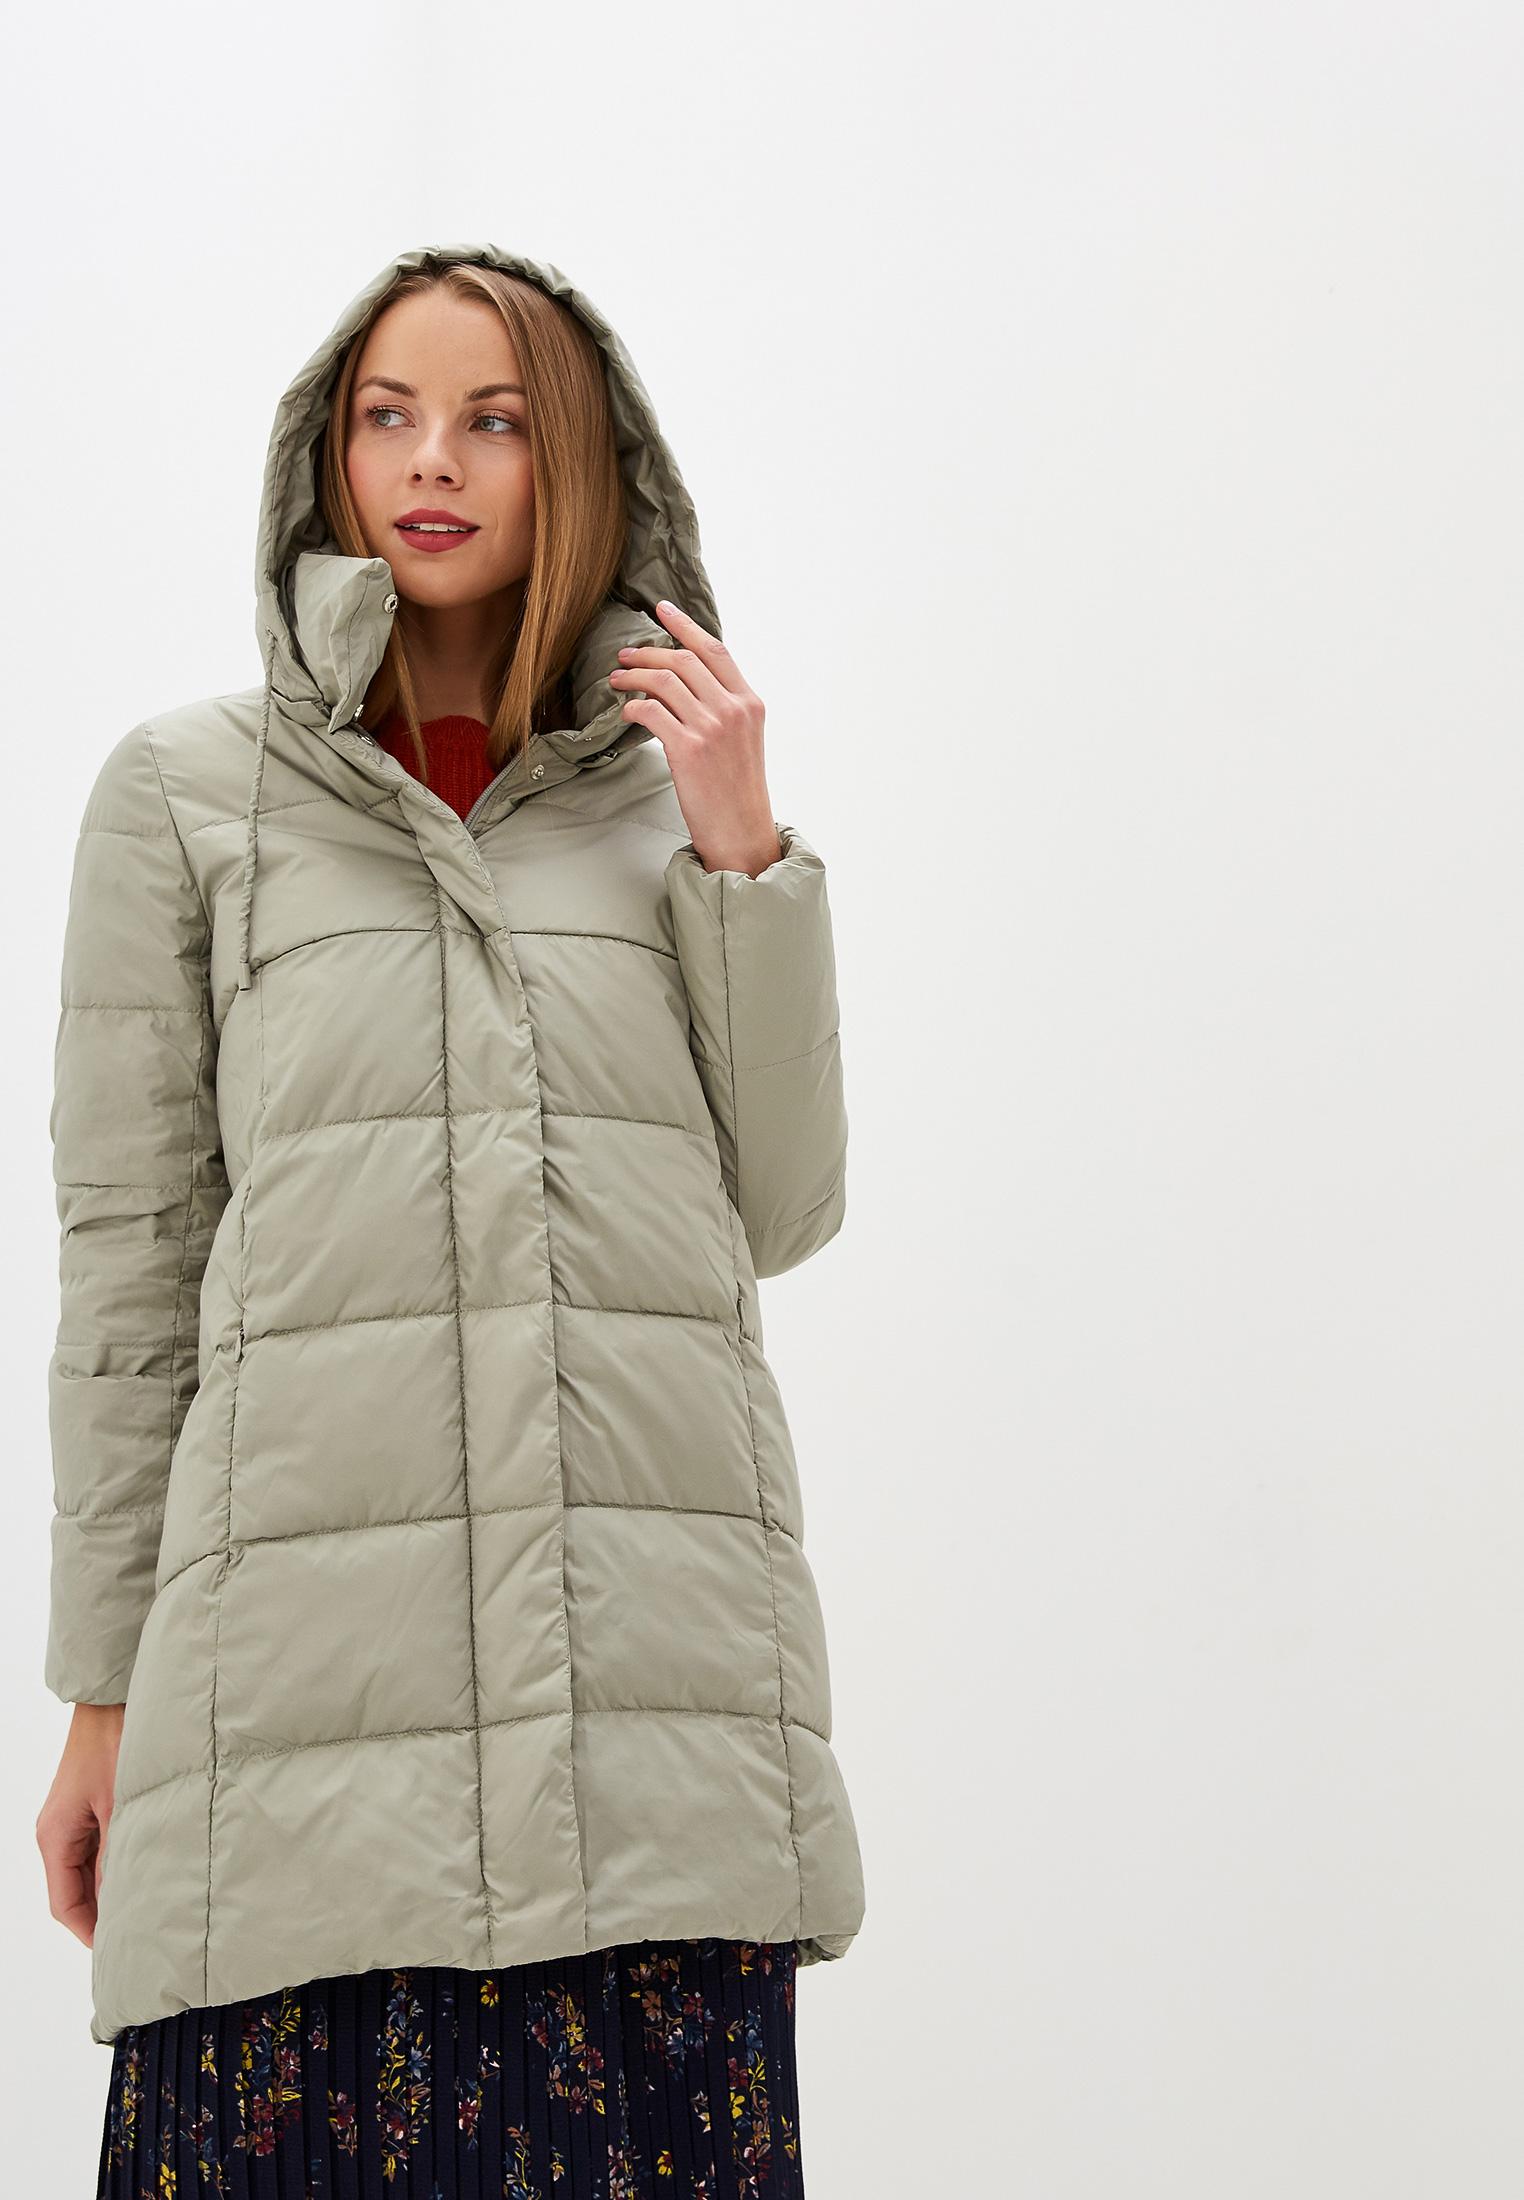 Куртка утепленная, Savage, цвет: зеленый. Артикул: SA004EWGESE6. Одежда / Верхняя одежда / Пуховики и зимние куртки